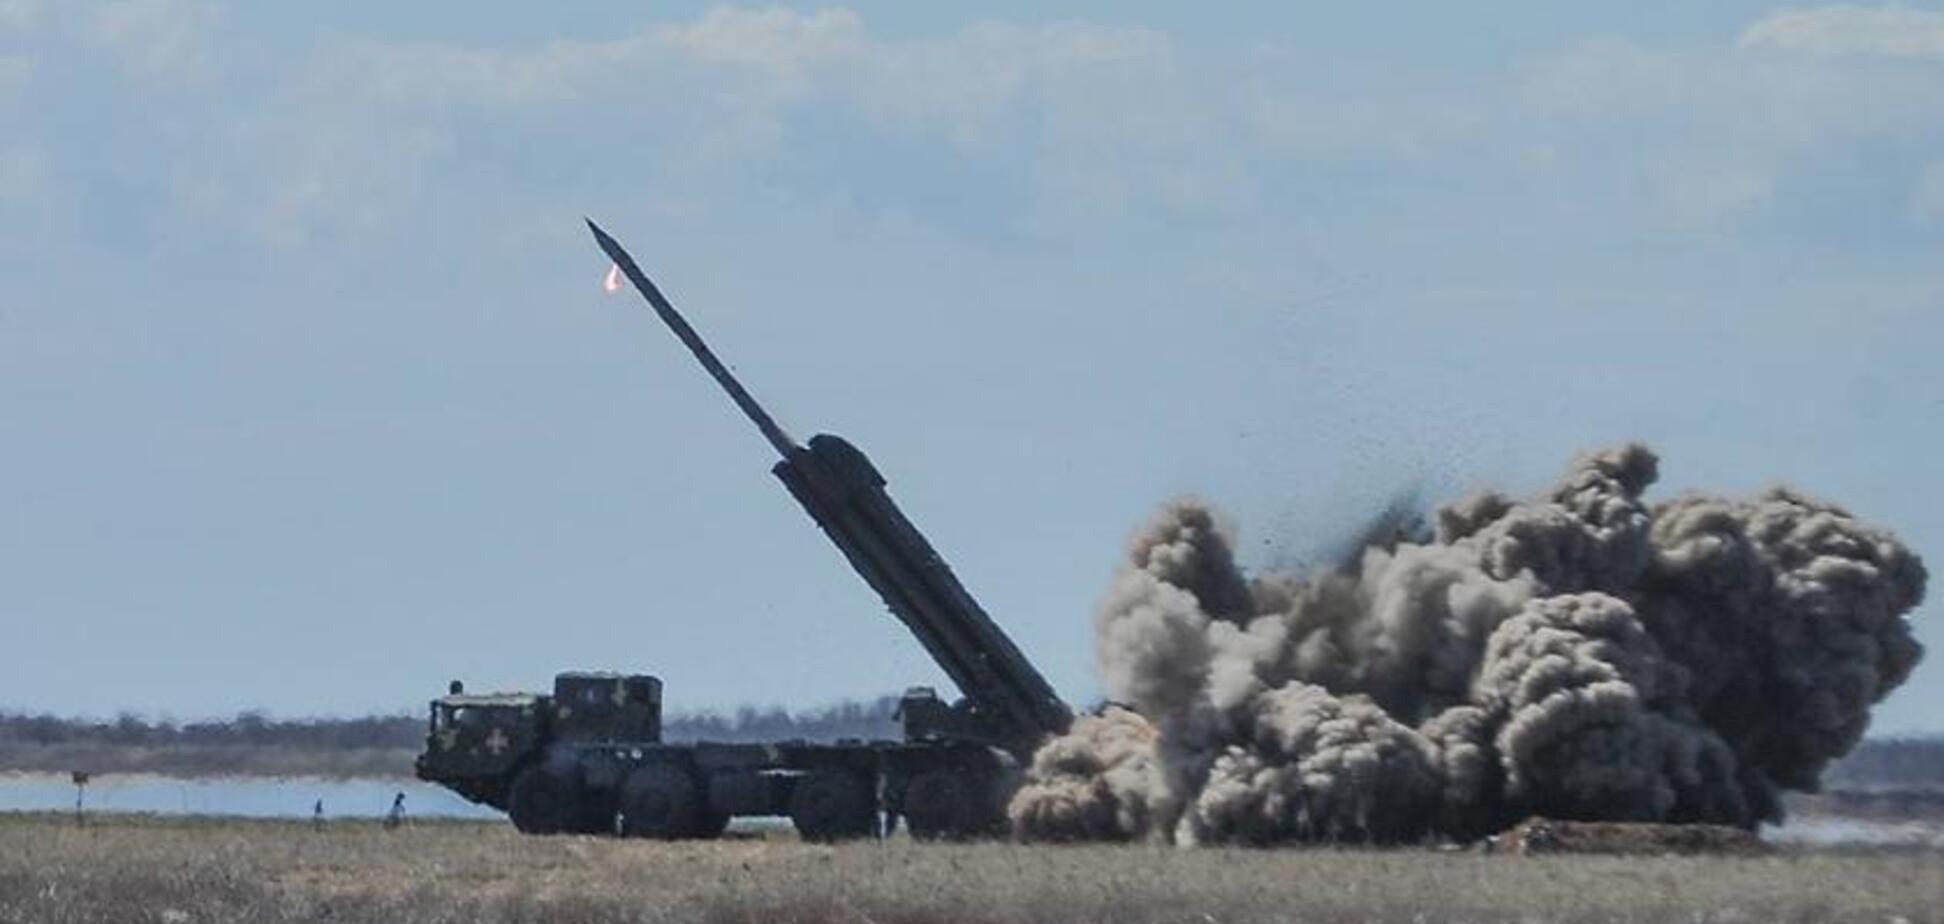 В Украине испытали новейшие реактивные ракеты: зрелищное видео